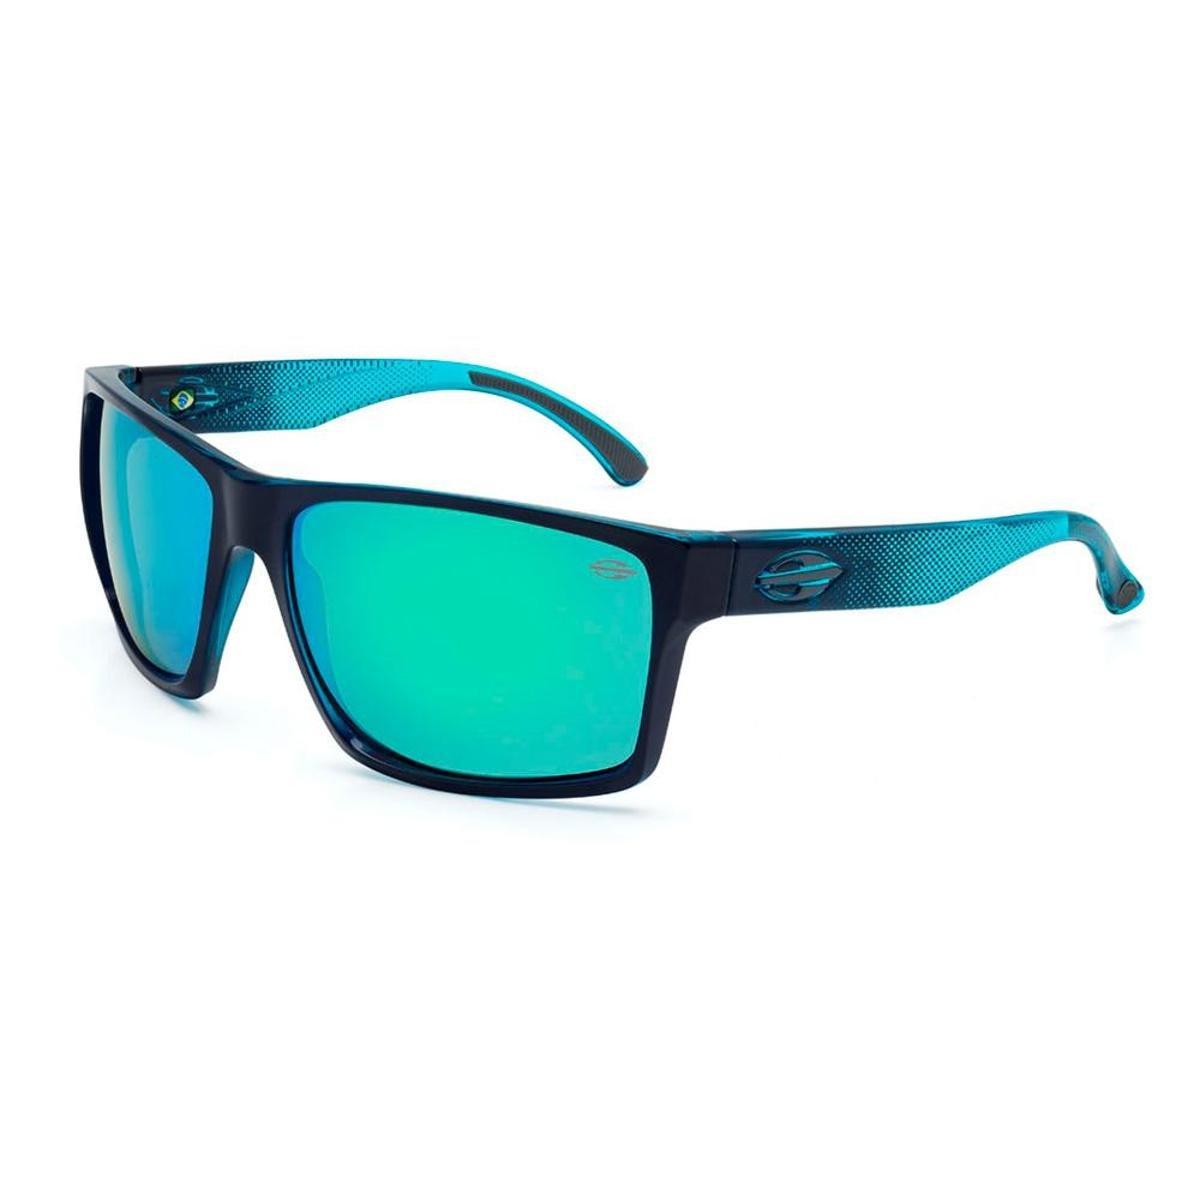 30e9f56510b4d Óculos Sol Mormaii Carmel - Preto e Azul - Compre Agora